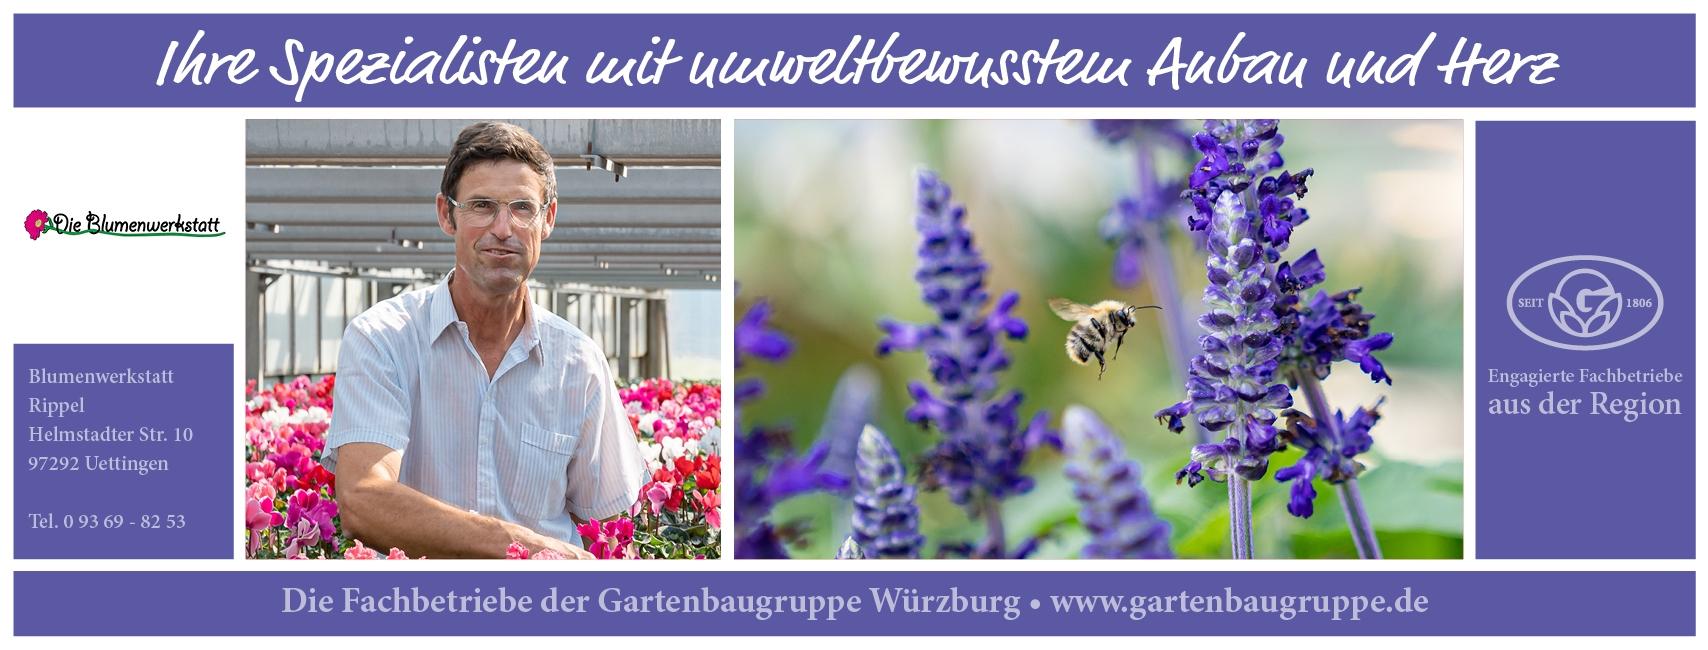 Die Blumenwerkstatt Rippel - Gartenbaugruppe Würzburg